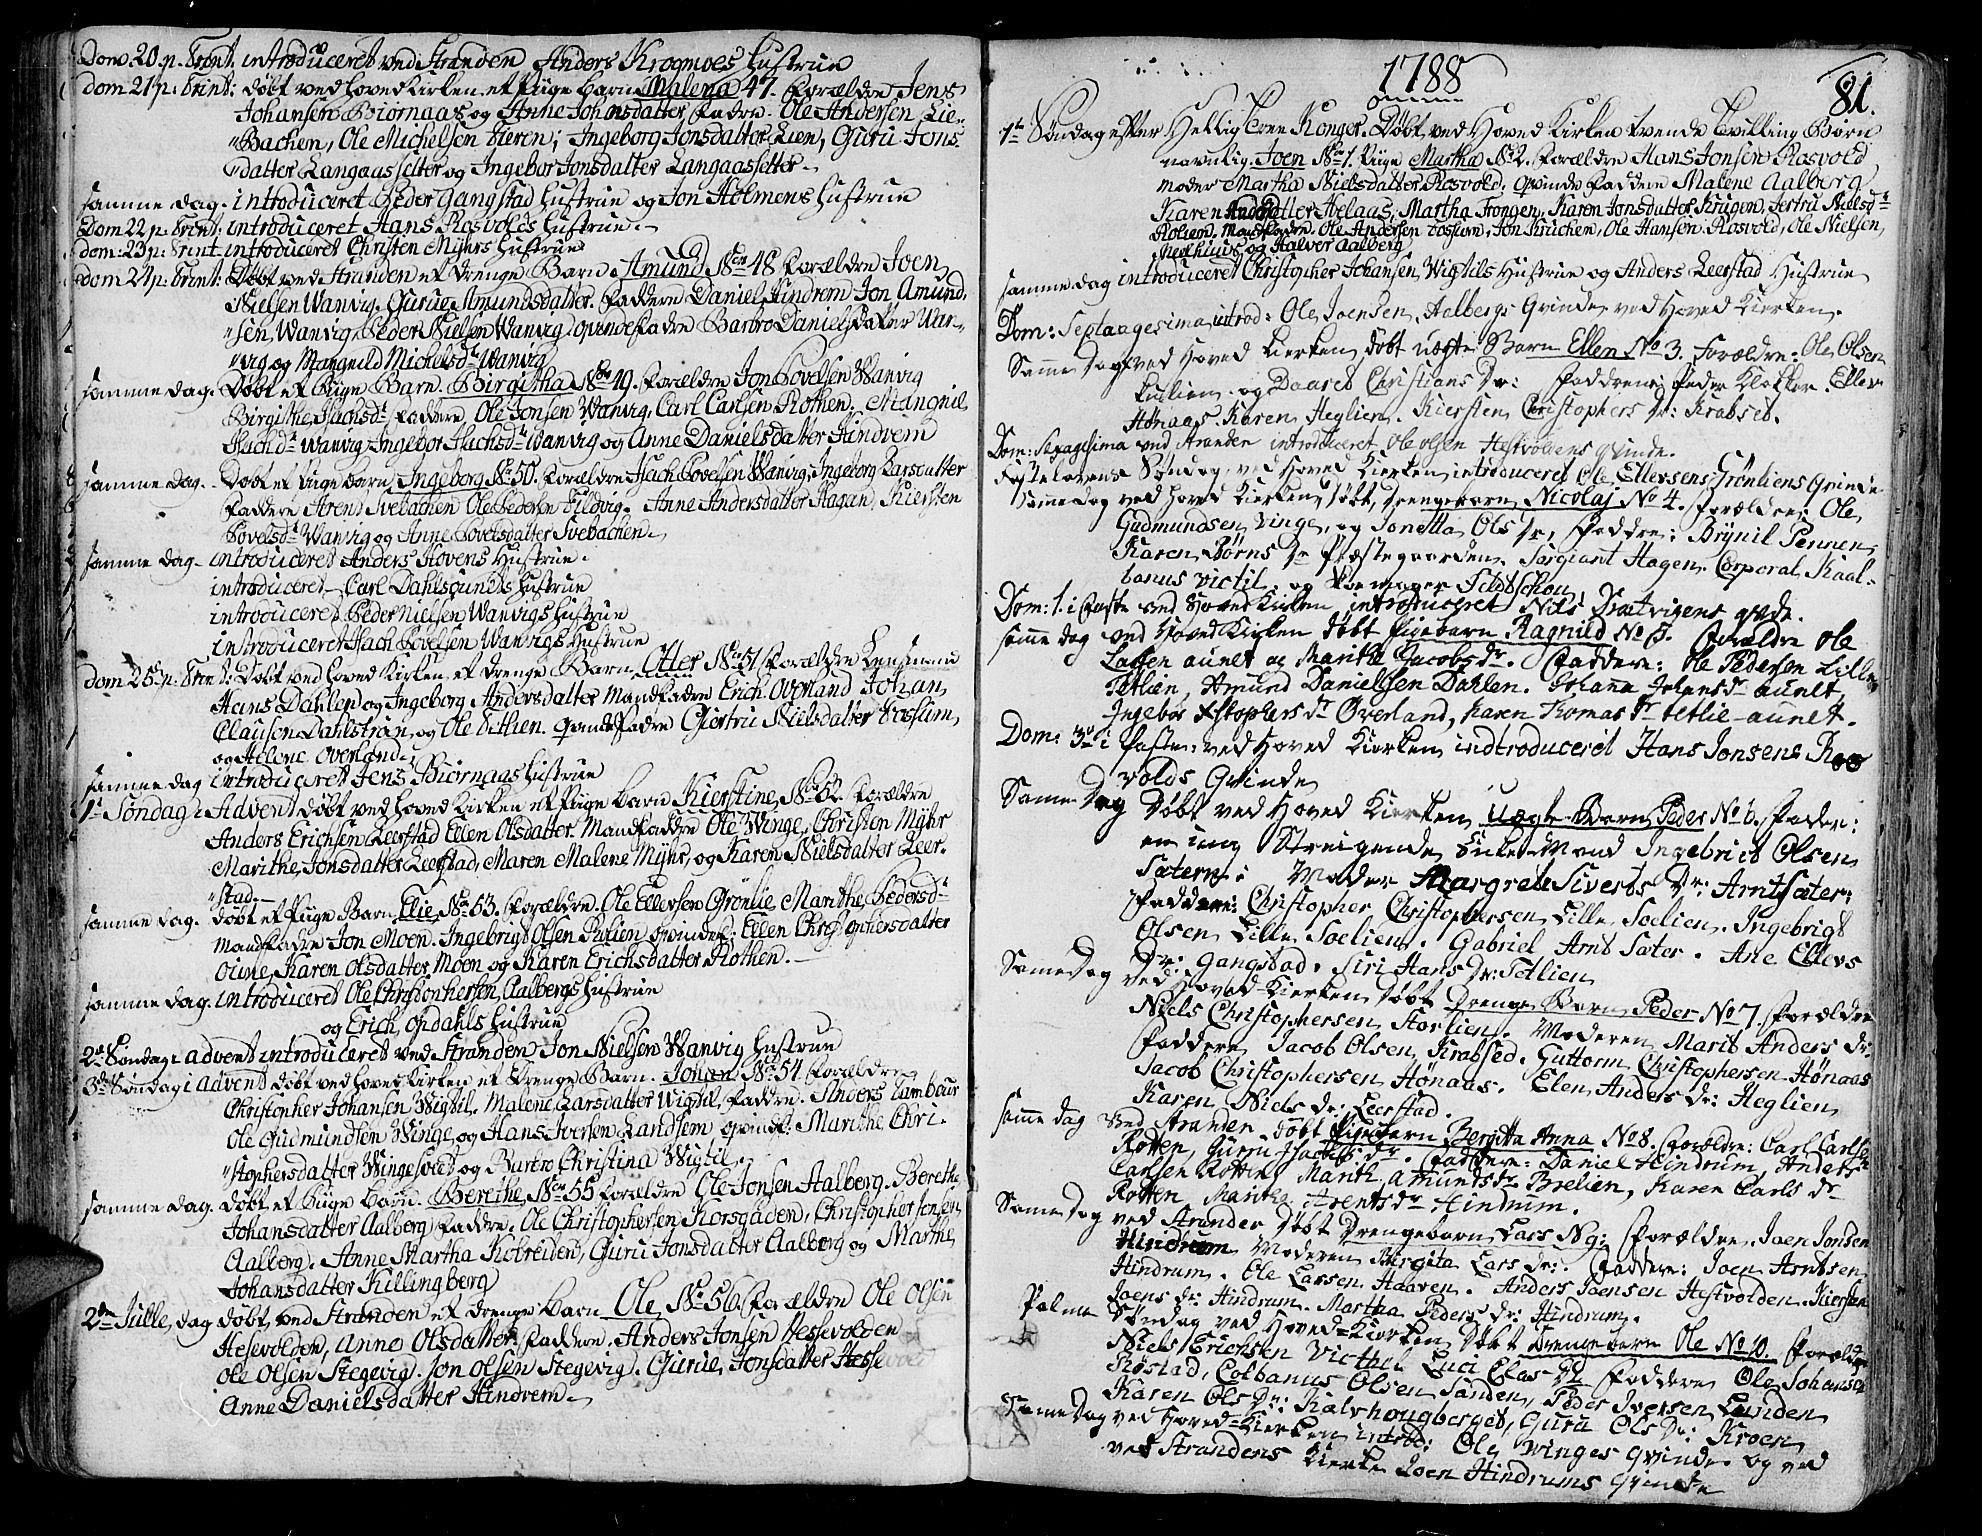 SAT, Ministerialprotokoller, klokkerbøker og fødselsregistre - Nord-Trøndelag, 701/L0004: Ministerialbok nr. 701A04, 1783-1816, s. 81